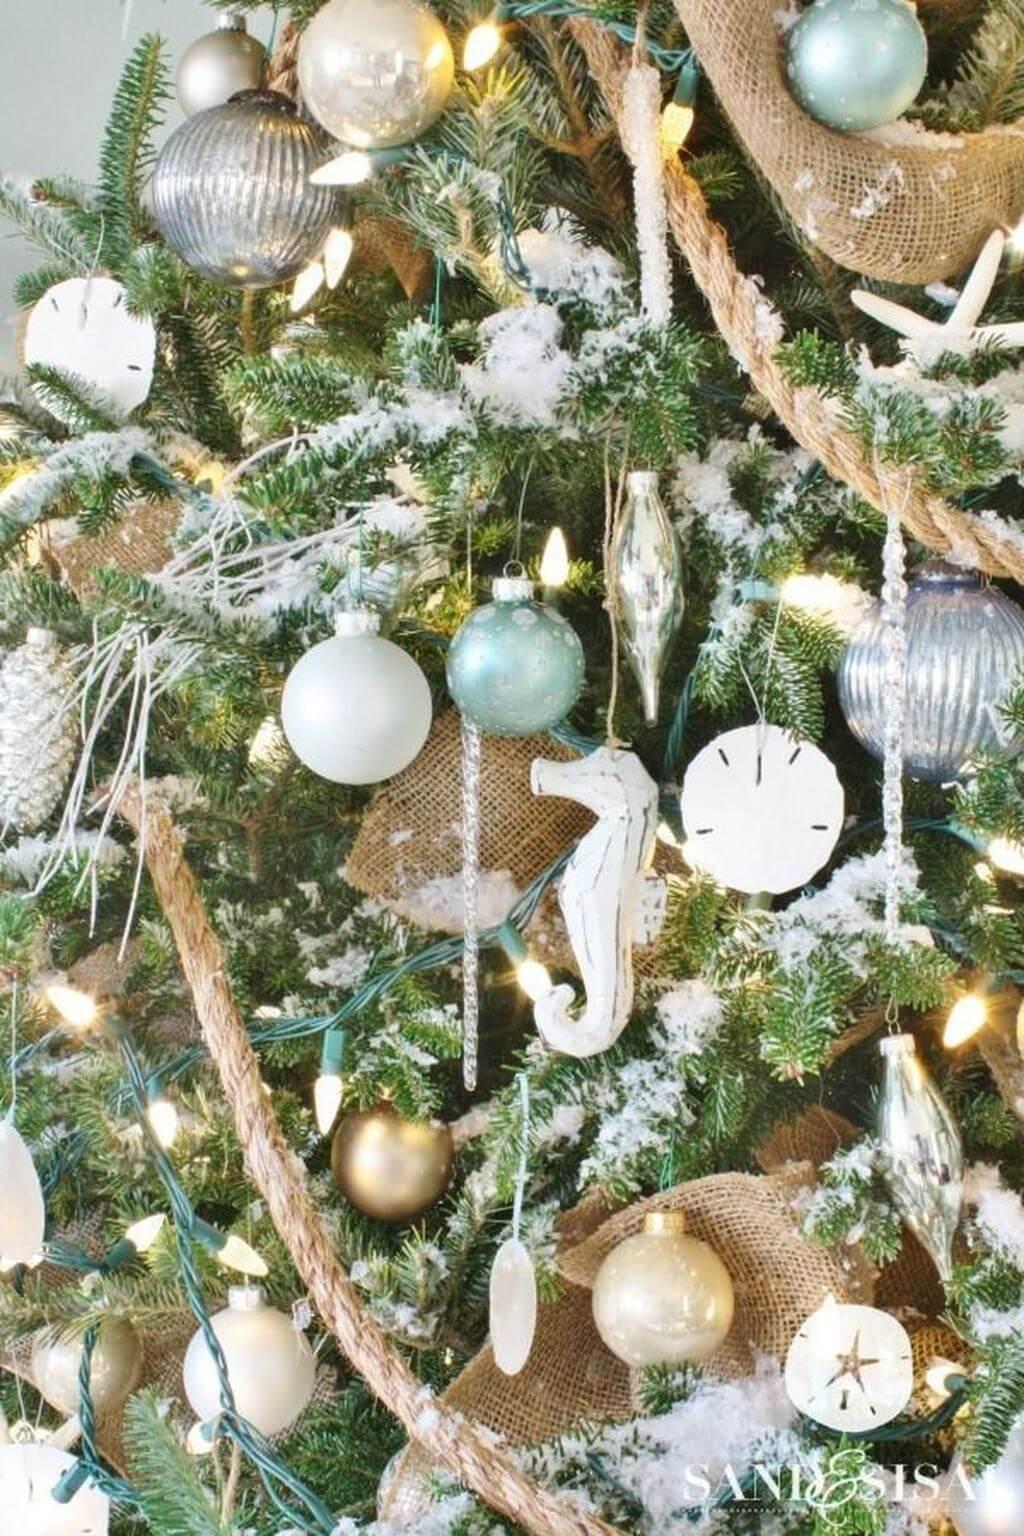 tendance déco pour Noel aquatique - Les 8 tendance déco pour Noël 2019